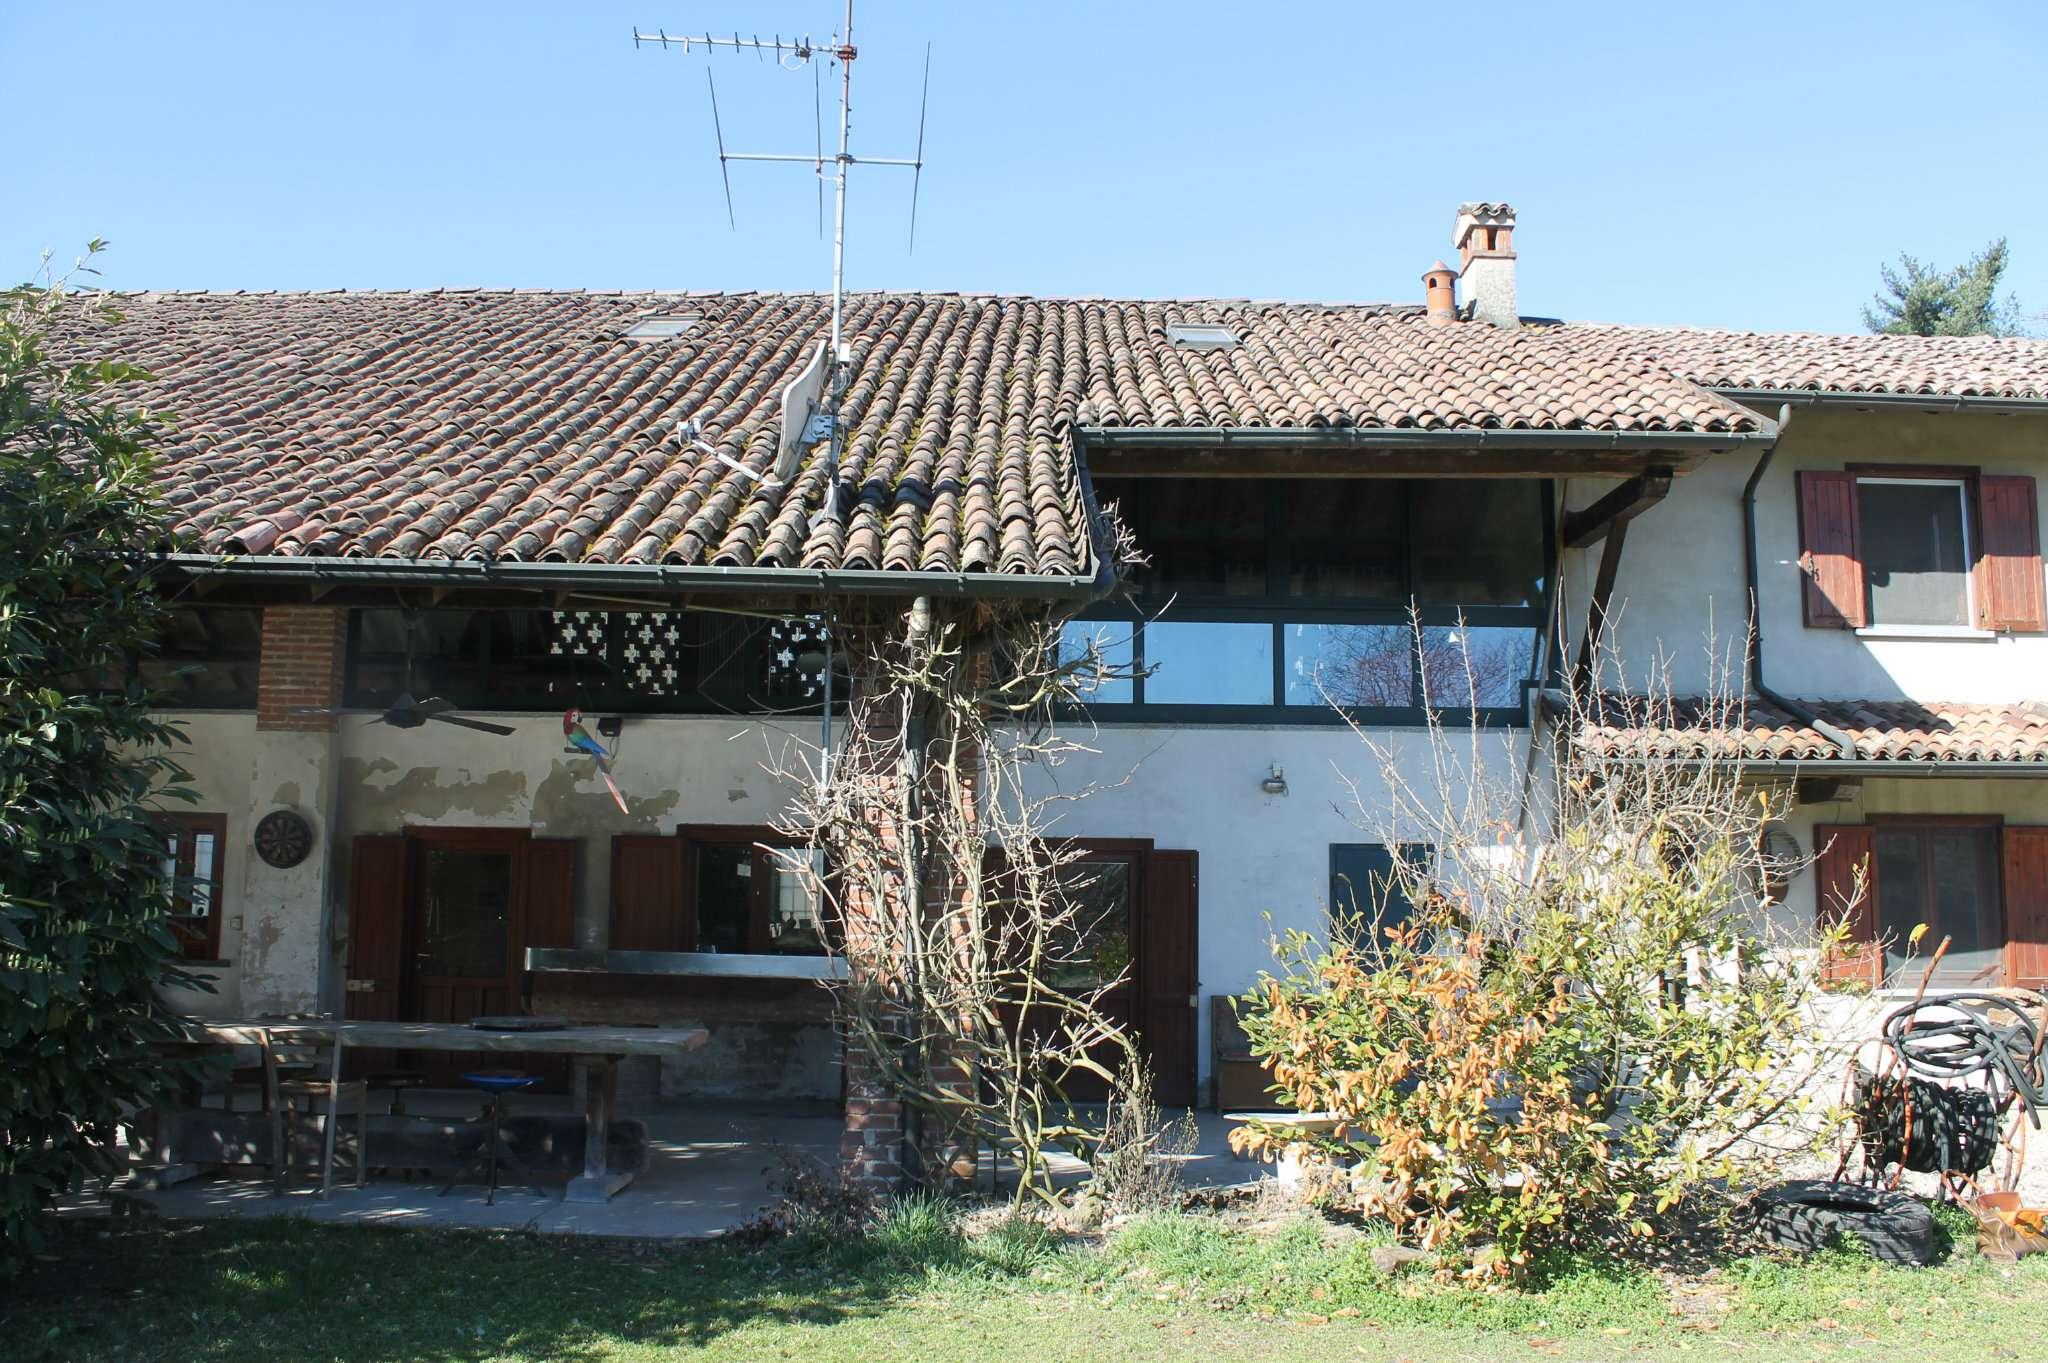 Rustico / Casale in vendita a Gropello Cairoli, 8 locali, prezzo € 430.000 | PortaleAgenzieImmobiliari.it